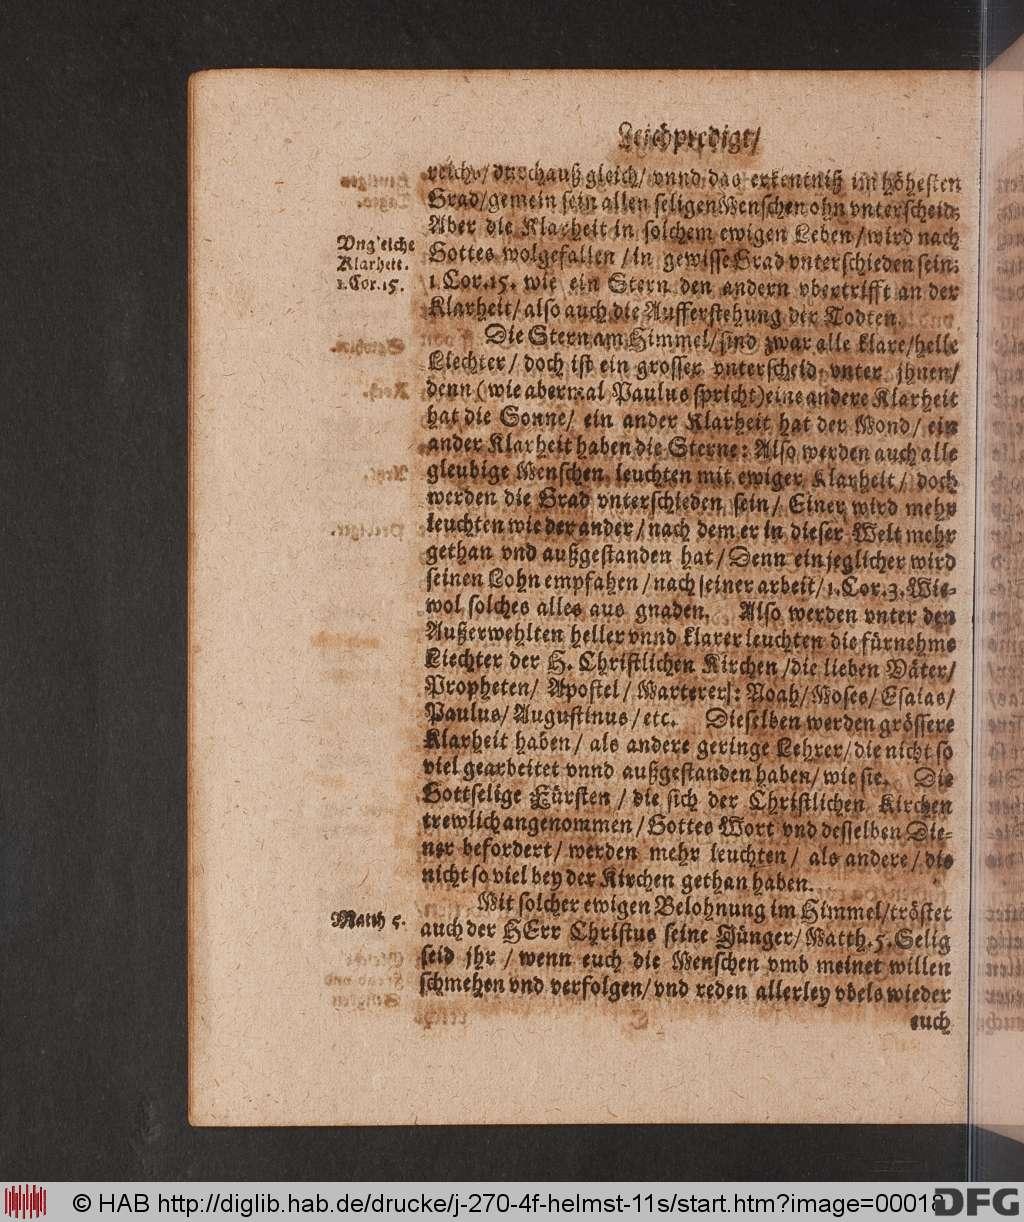 http://diglib.hab.de/drucke/j-270-4f-helmst-11s/00018.jpg